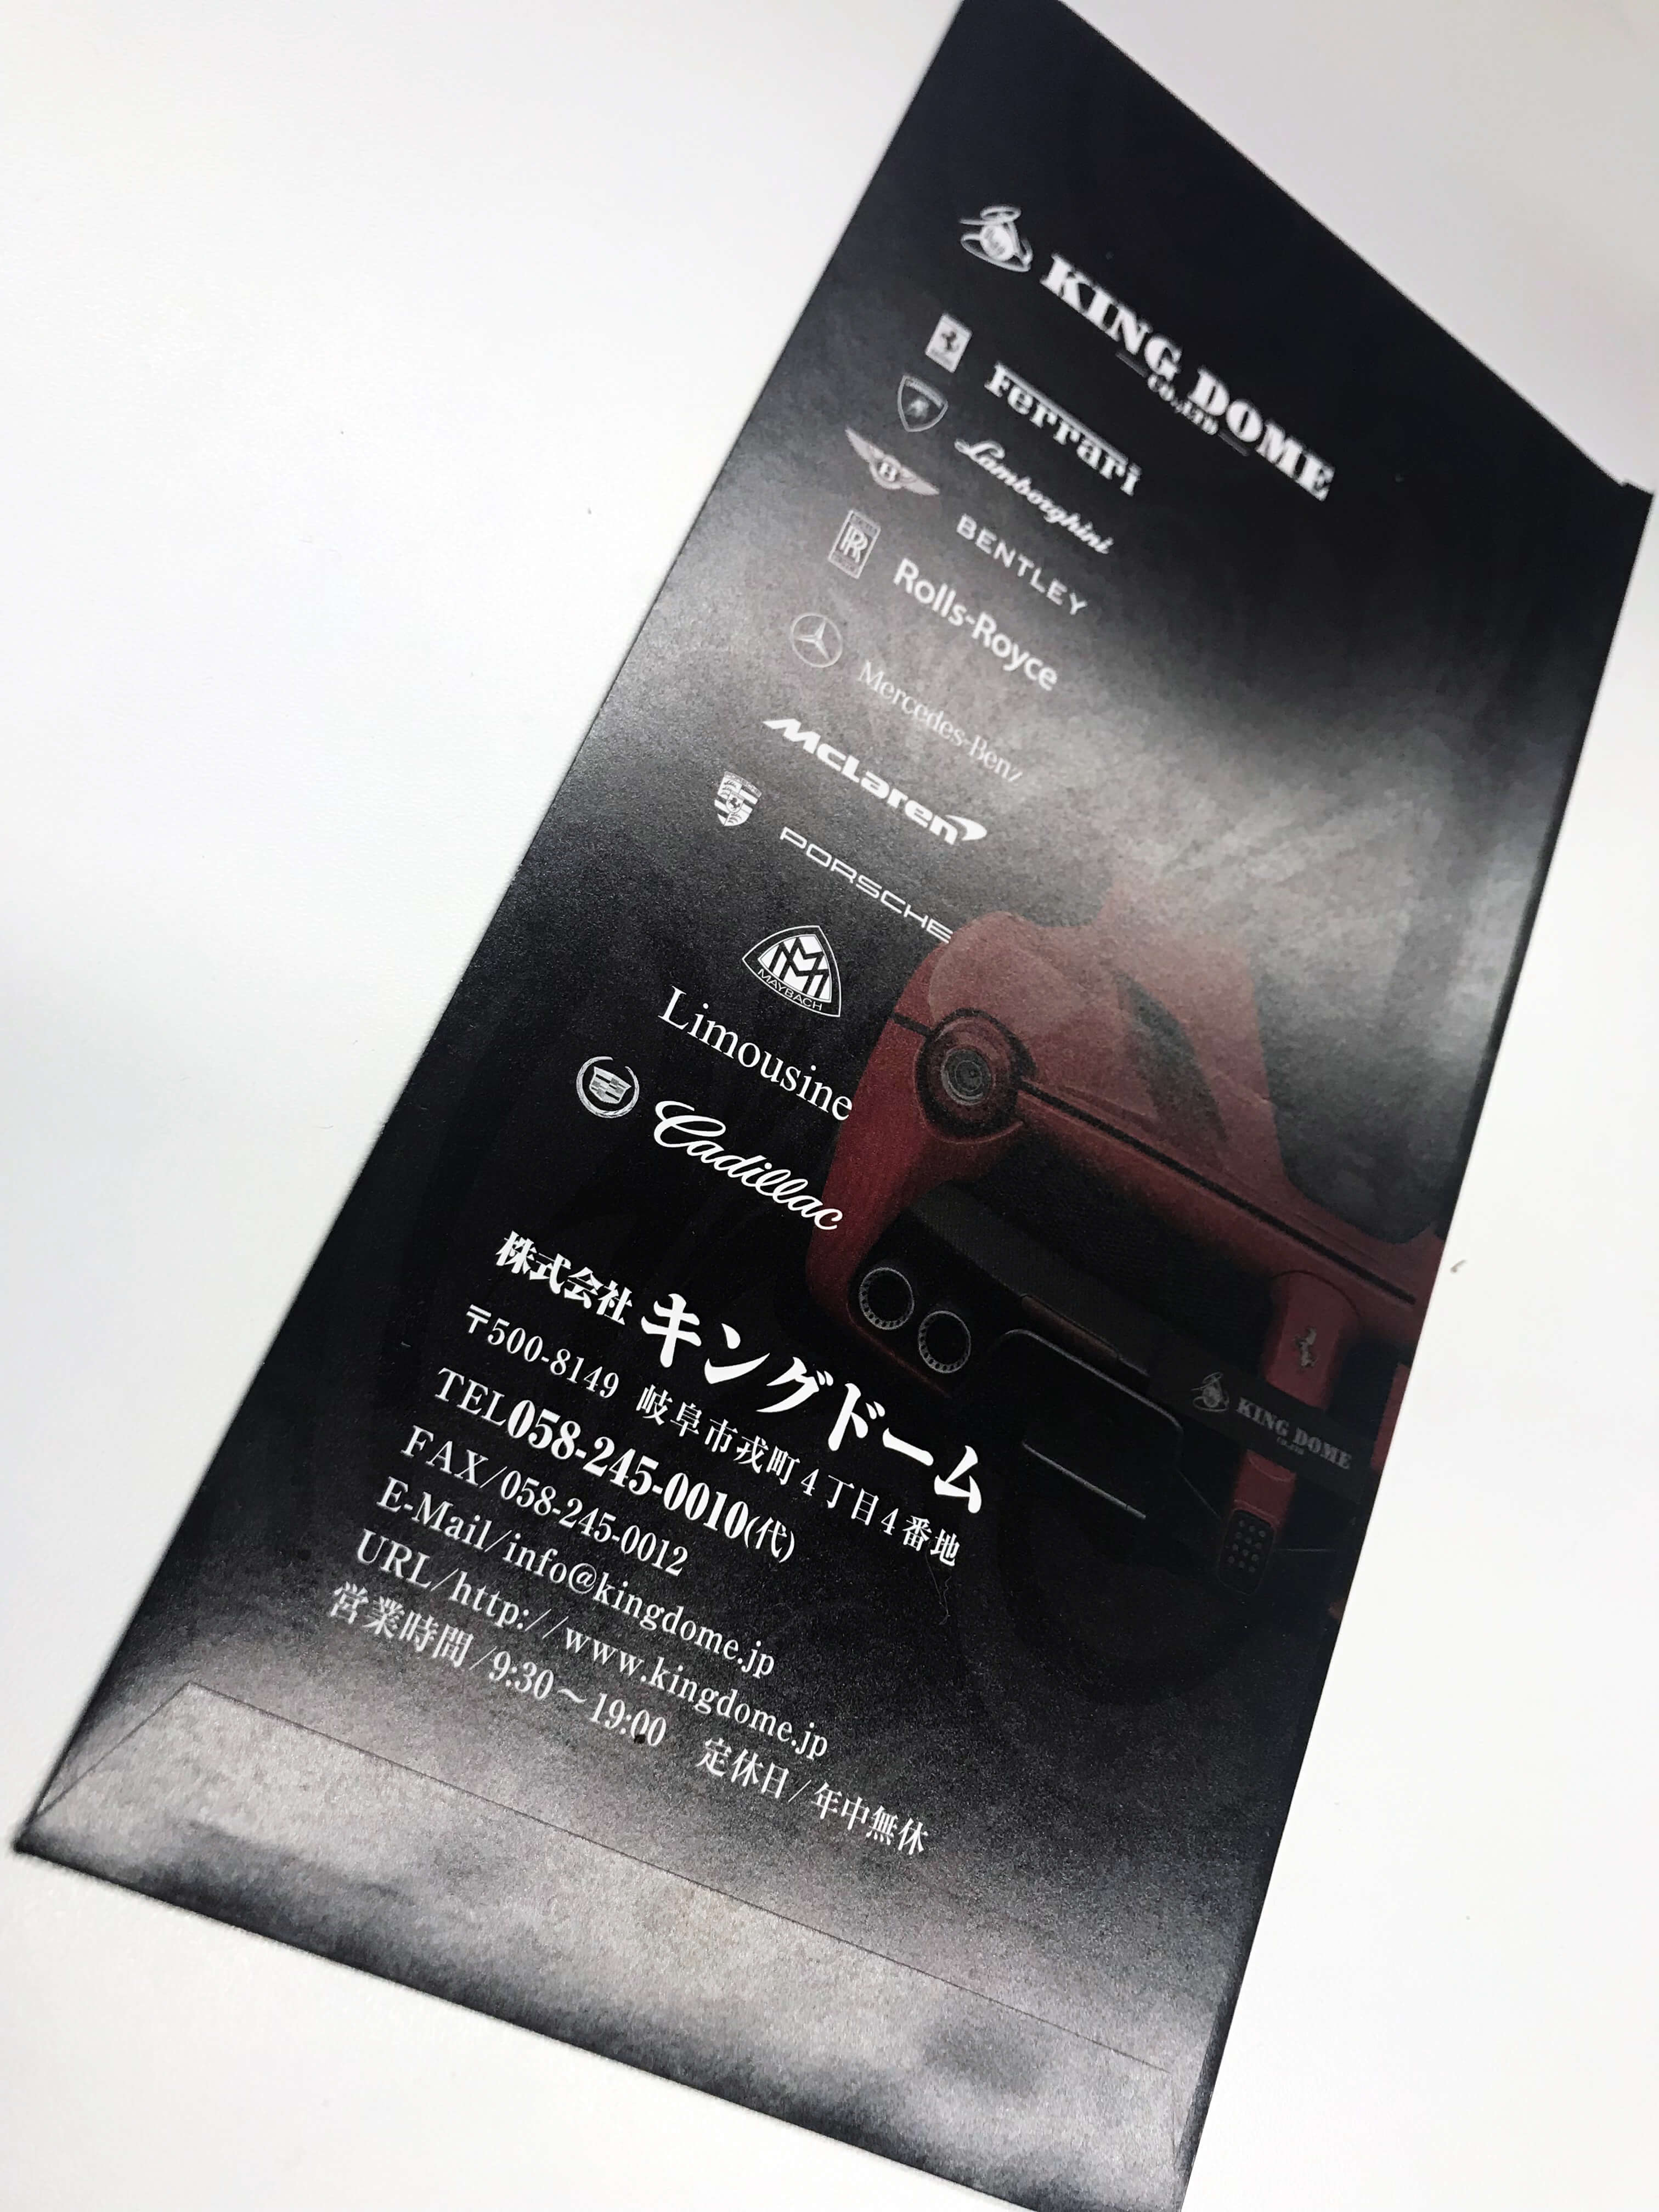 img00 - 看板だけじゃない!名刺・封筒・はがき・チケット・色々な販促品を作っているのでご紹介!